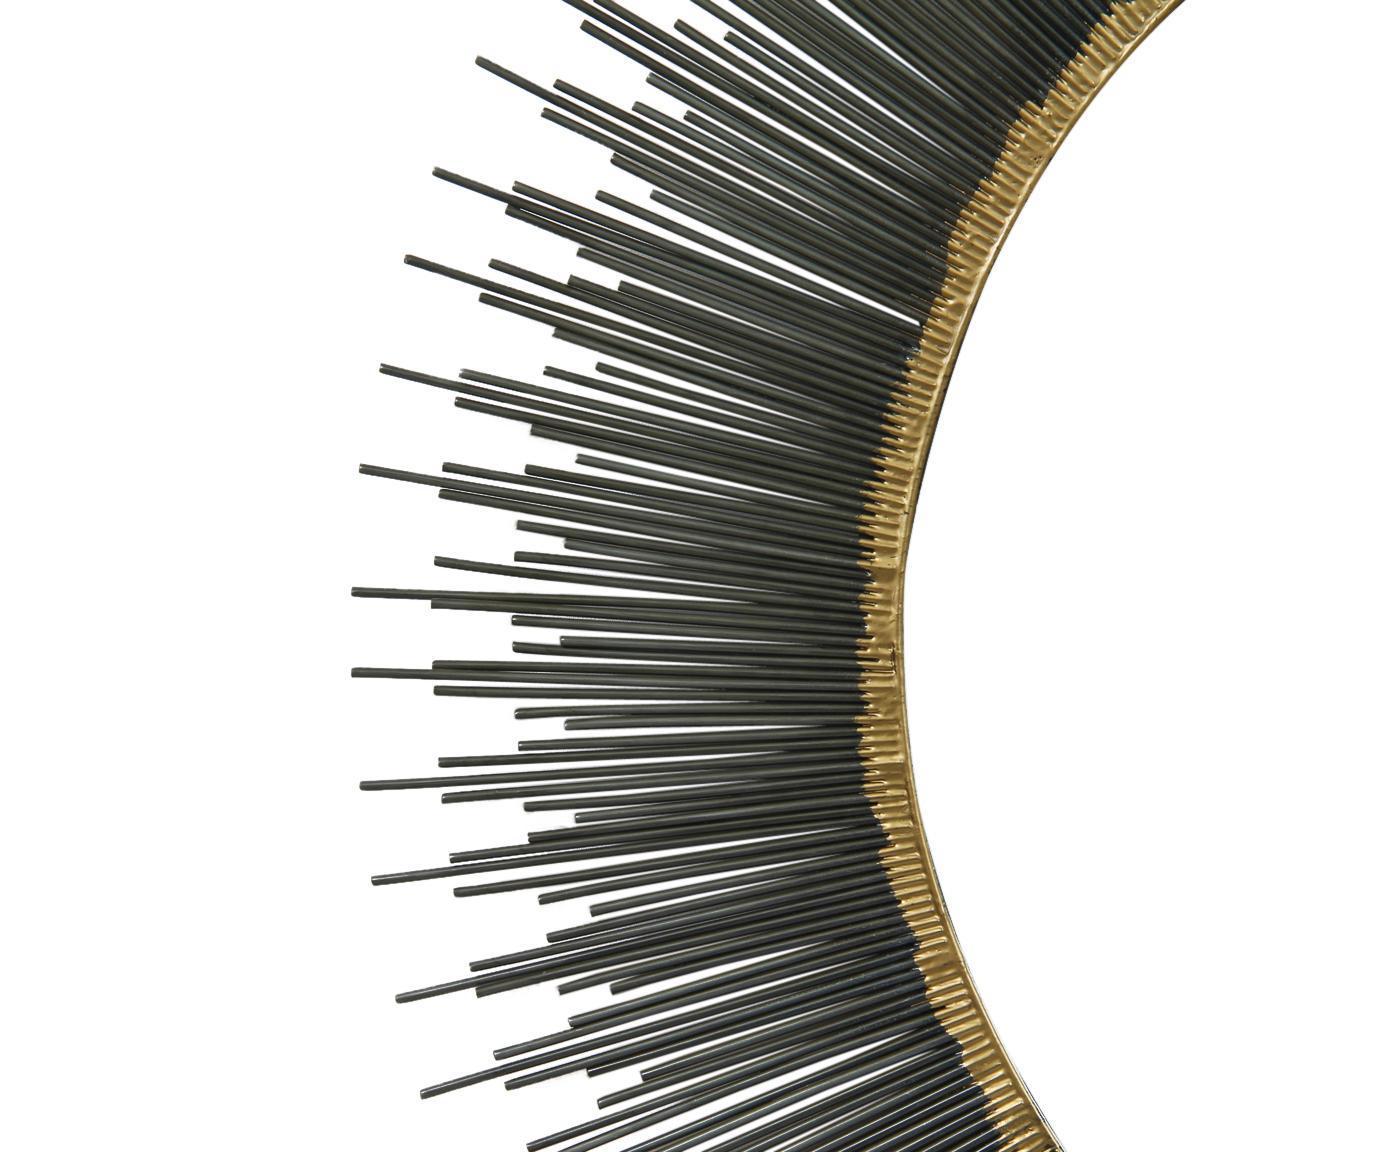 Lustro ścienne Pencil, Ciemnyszary, odcienie złotego, Ø 89 cm